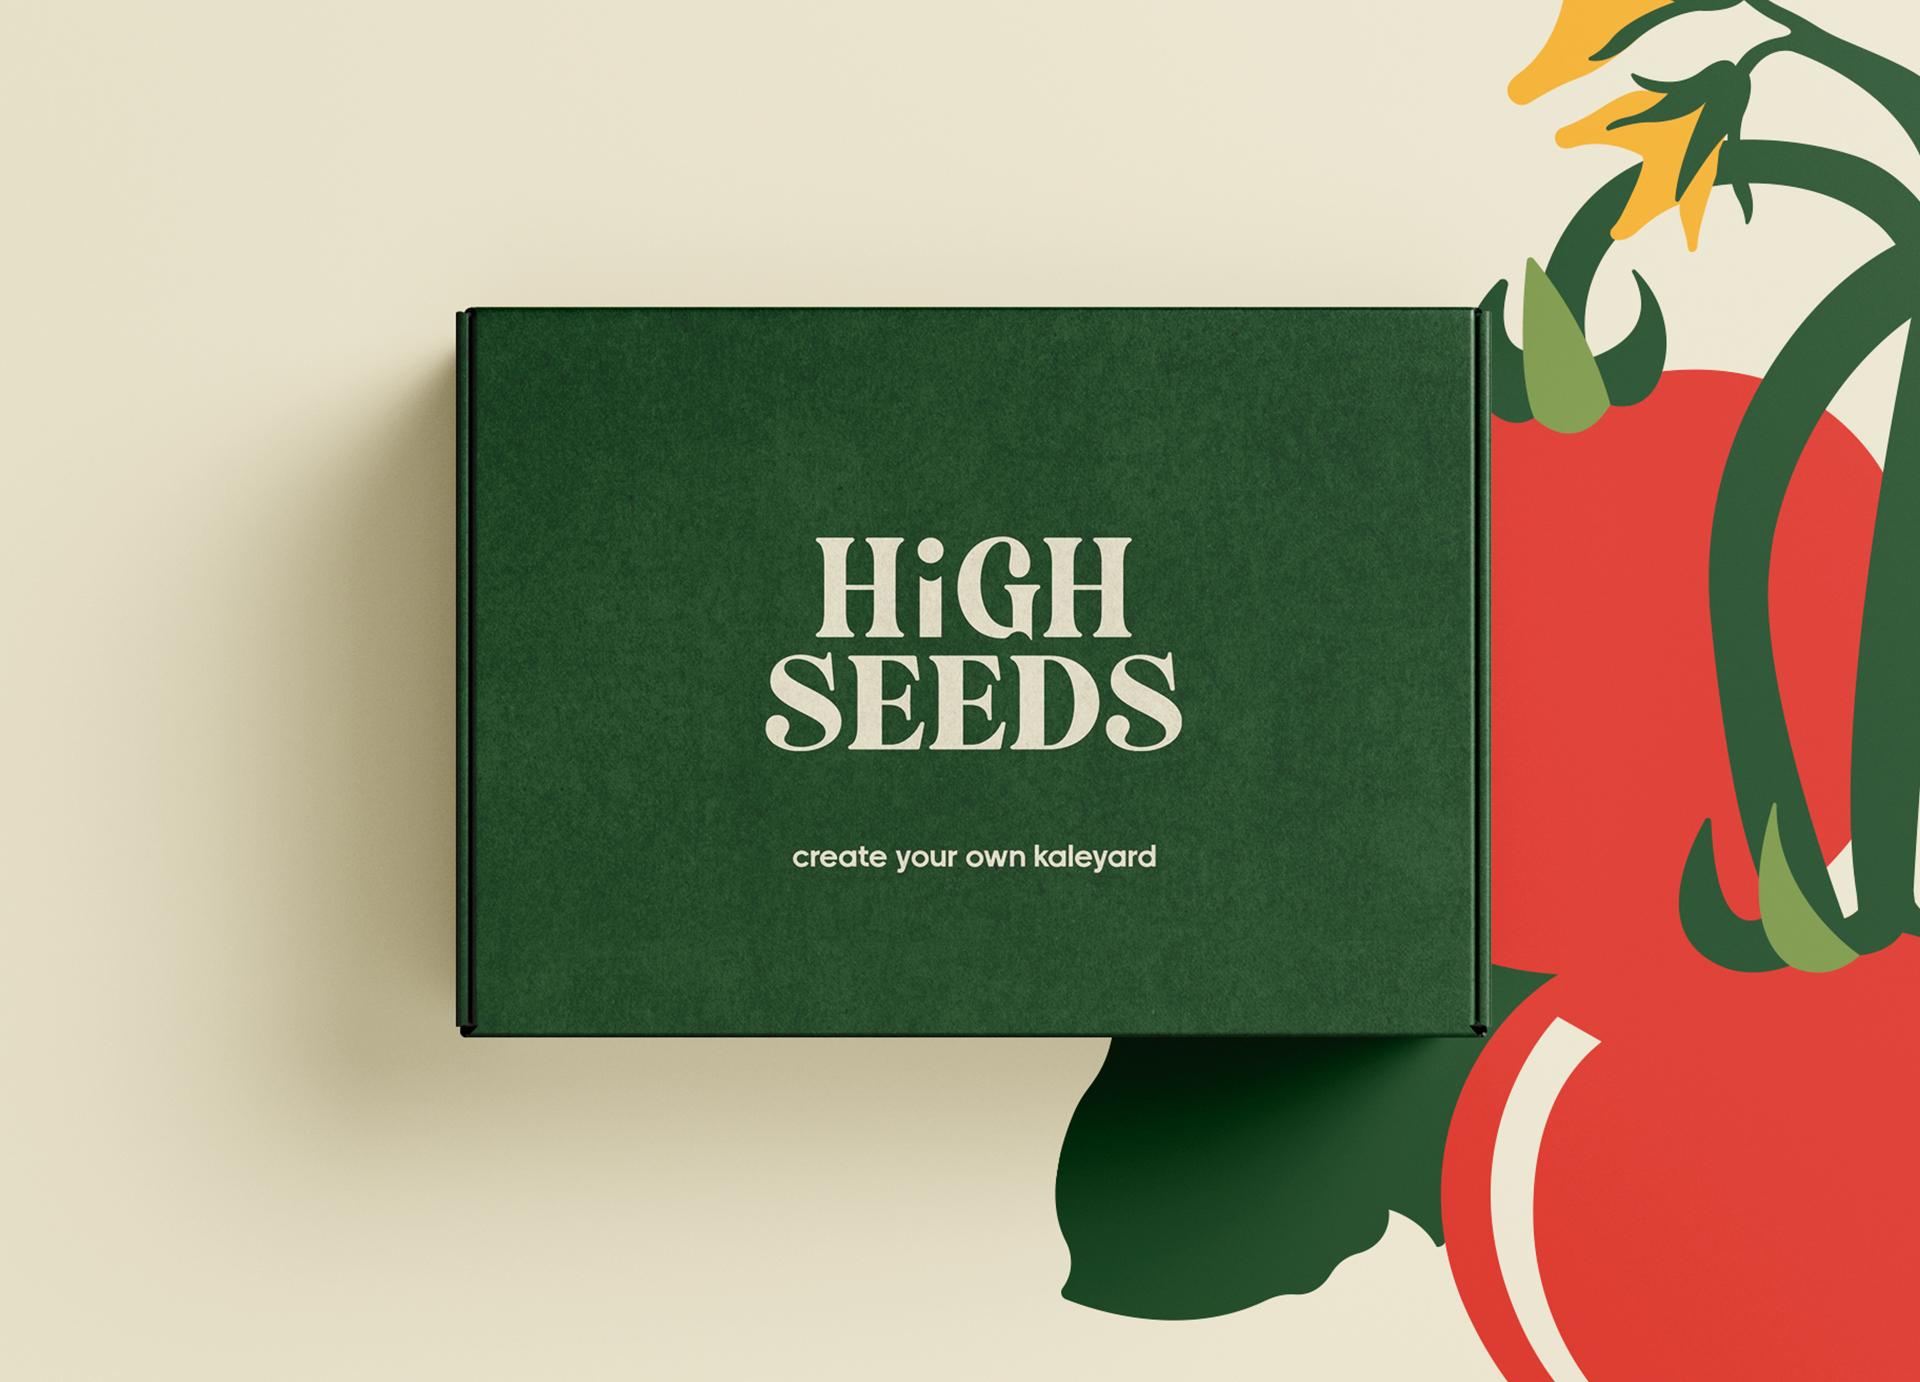 High Seeds